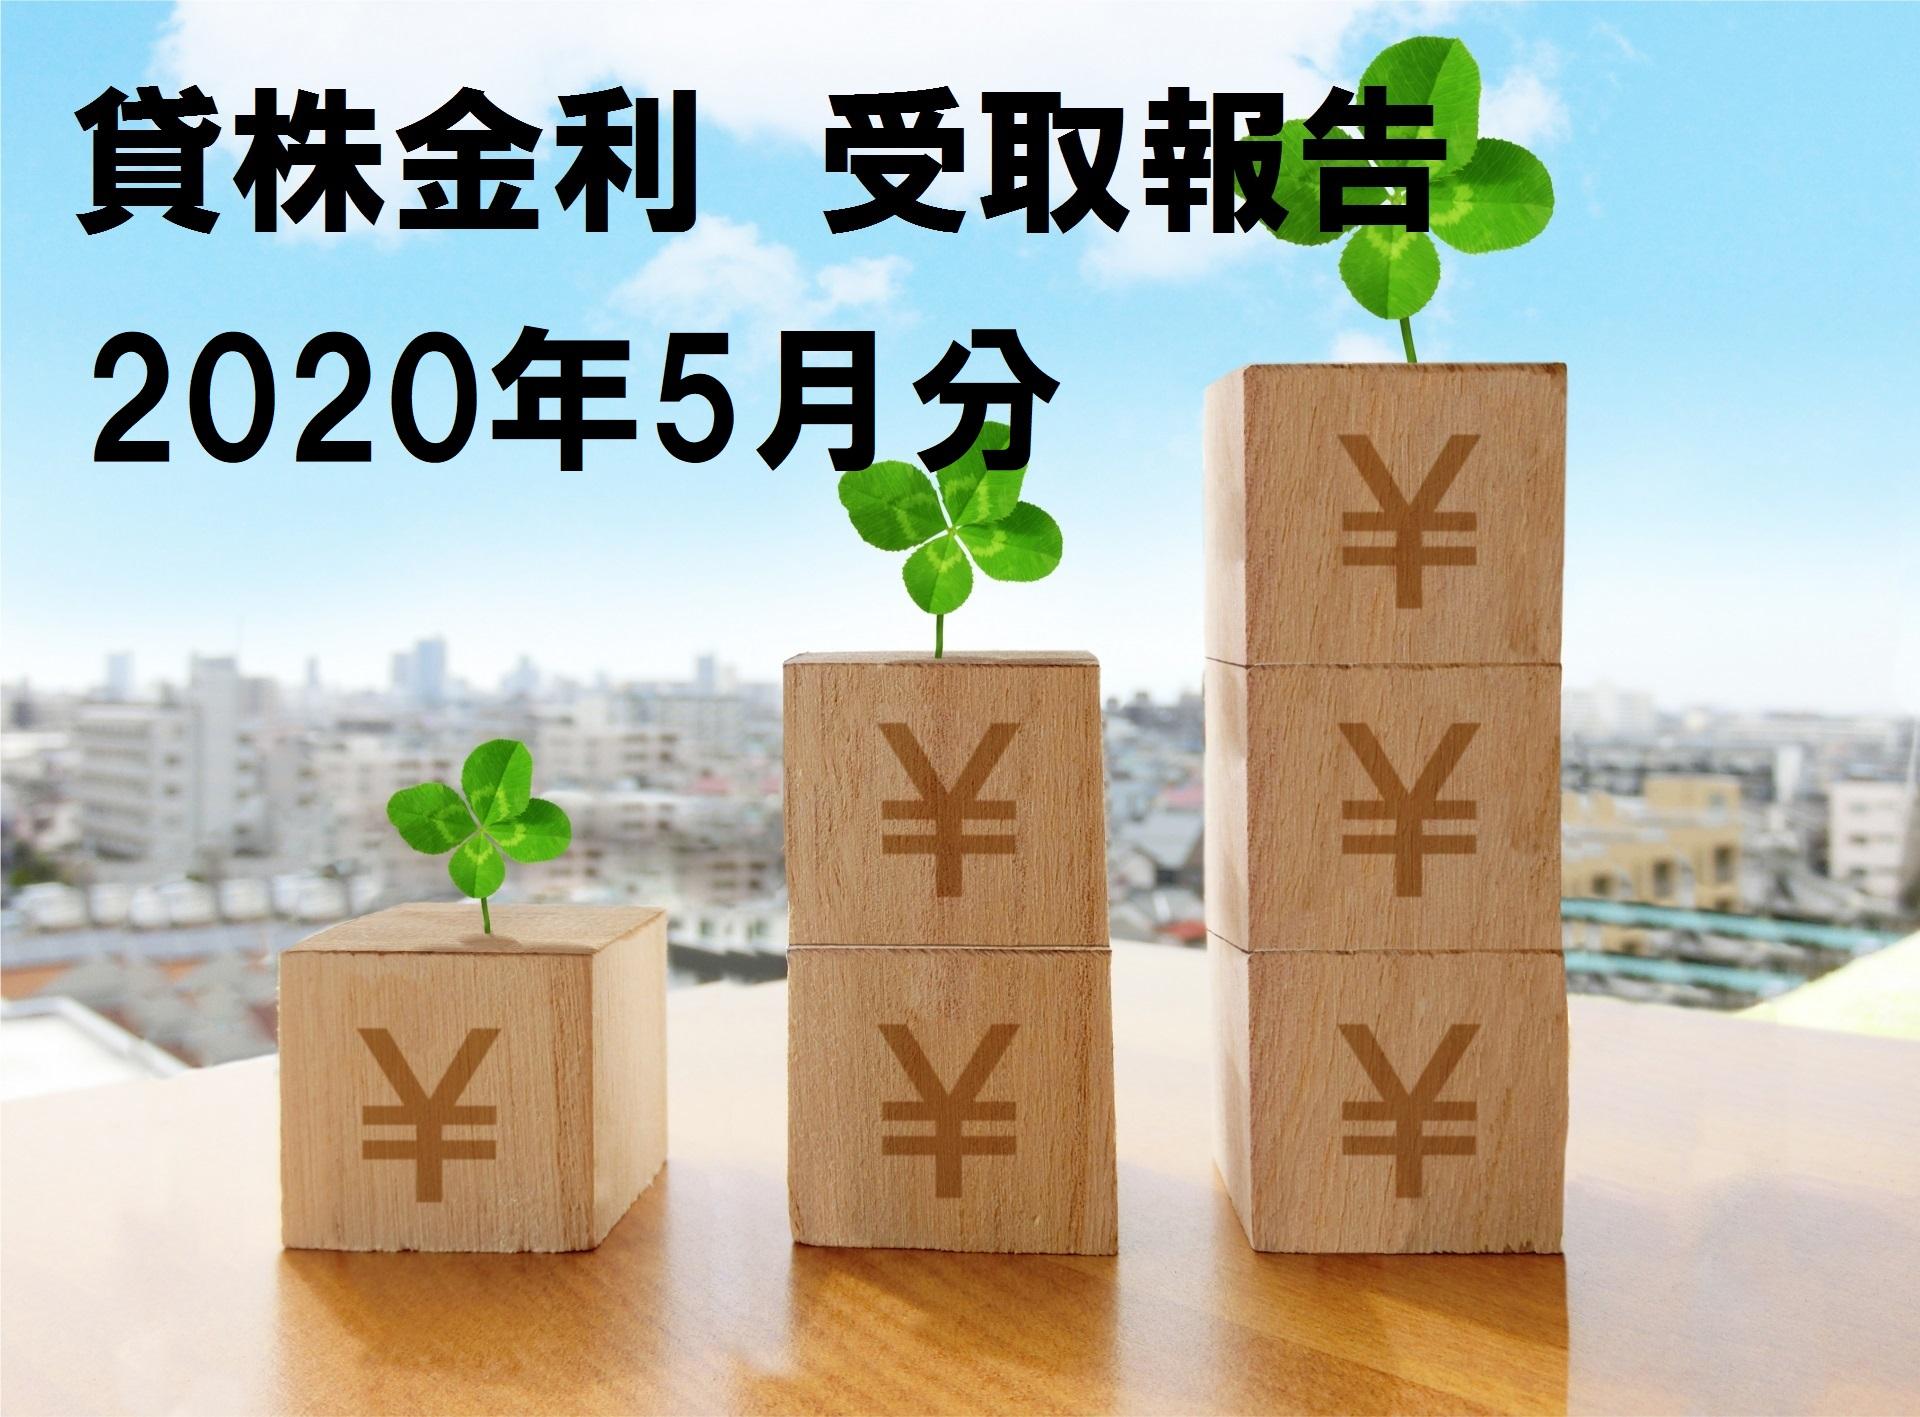 2020年5月貸株金利受け取り状況